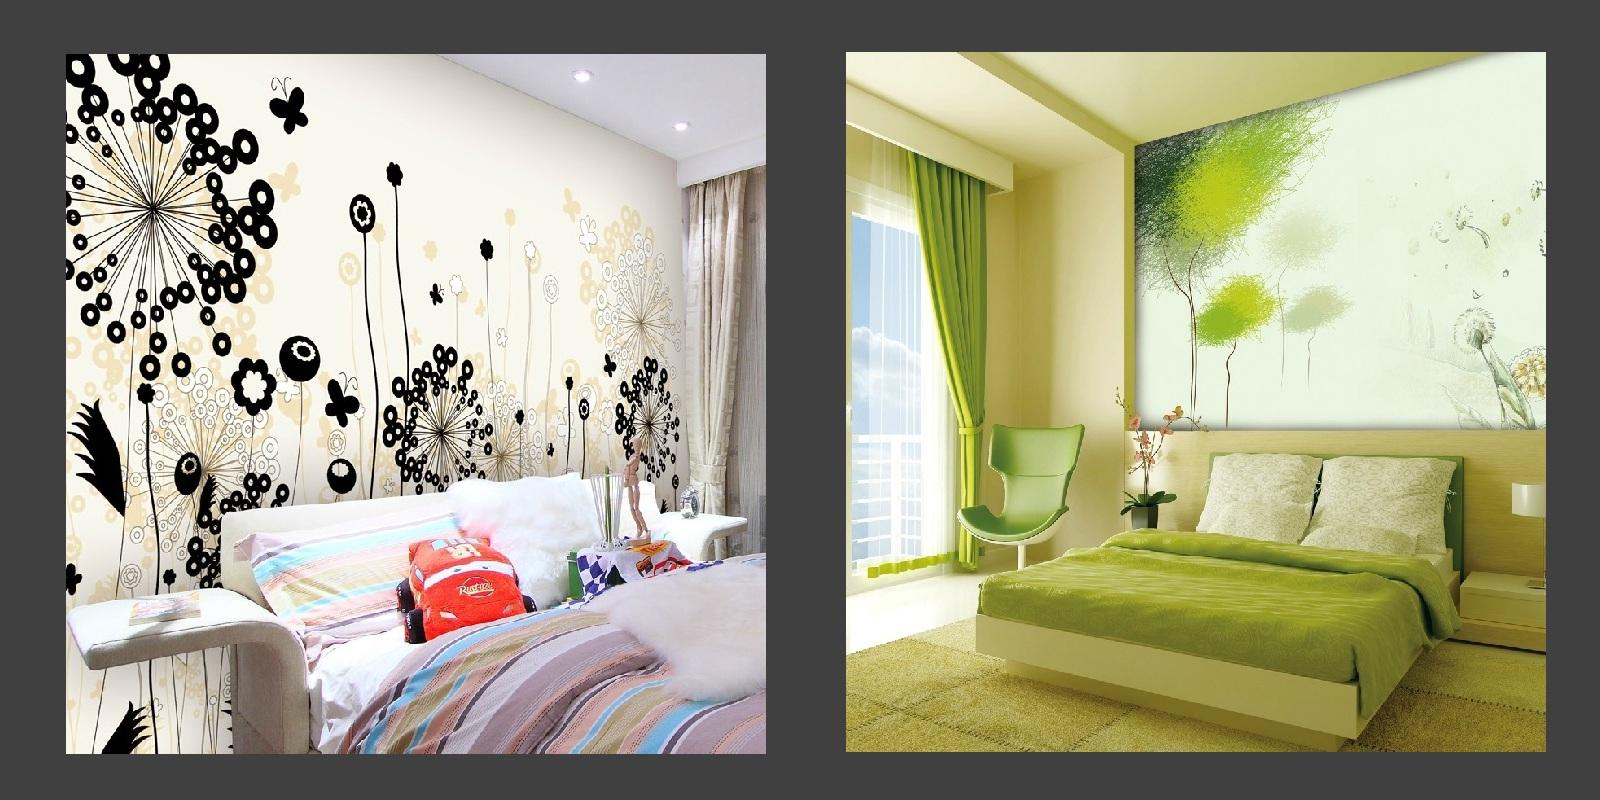 Elegant wallpaper designs from China Velvet cushion 1600x800